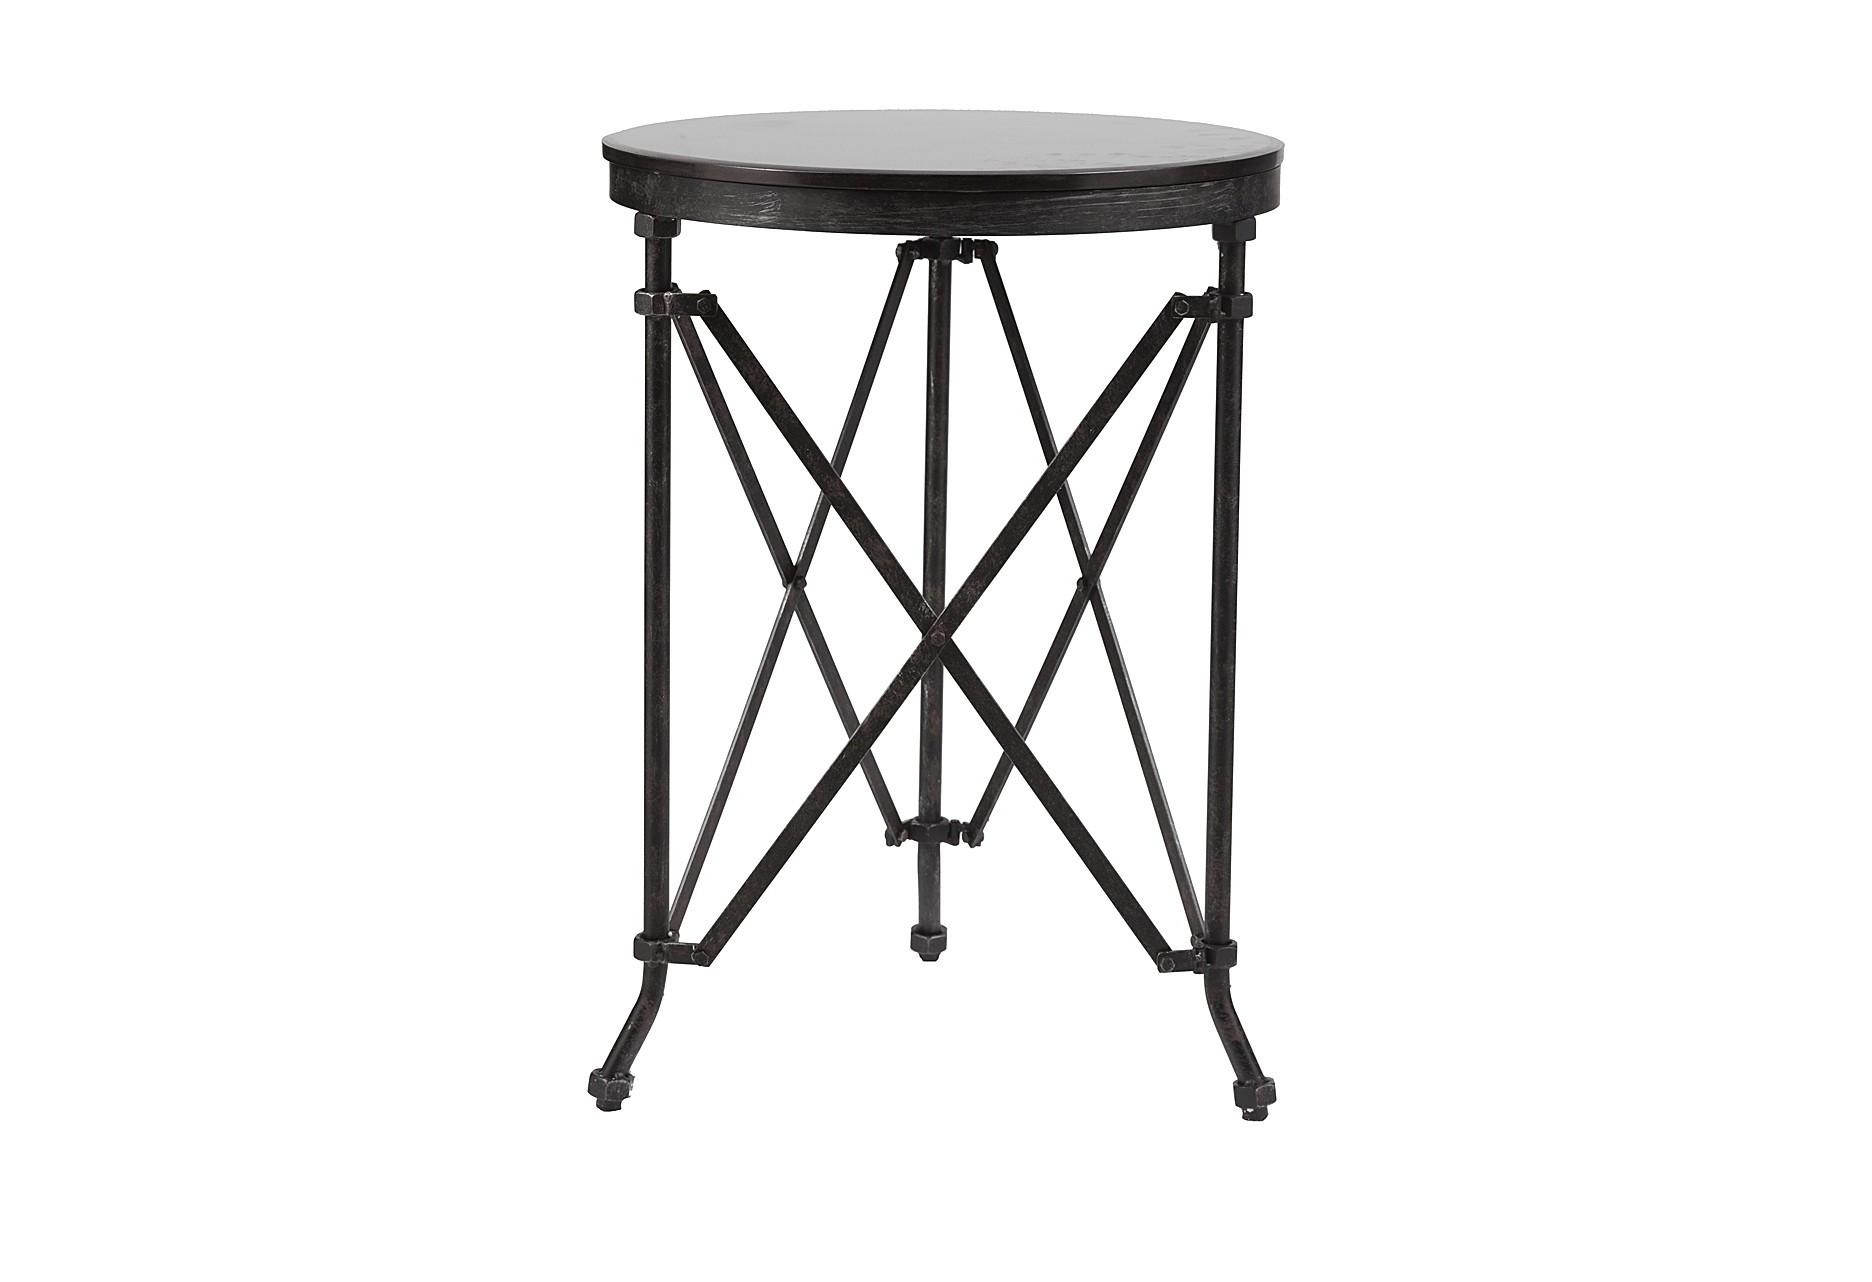 Журнальный столик CarrolПриставные столики<br>Стол Carrol изготовлен из высокопрочной стали. Это оригинальная мебель, которая удивляет своей фактурой и комфортабельностью. Круглая поверхность из мрамора идеального диаметра держится на металлических ножках, которые связаны между собой пересекающимися элементами, что придает всей конструкции максимальную устойчивость. Этот стол также можно использовать в качестве подставки под цветочные или декоративные композиции.<br><br>Material: Металл<br>Height см: 71<br>Diameter см: 51